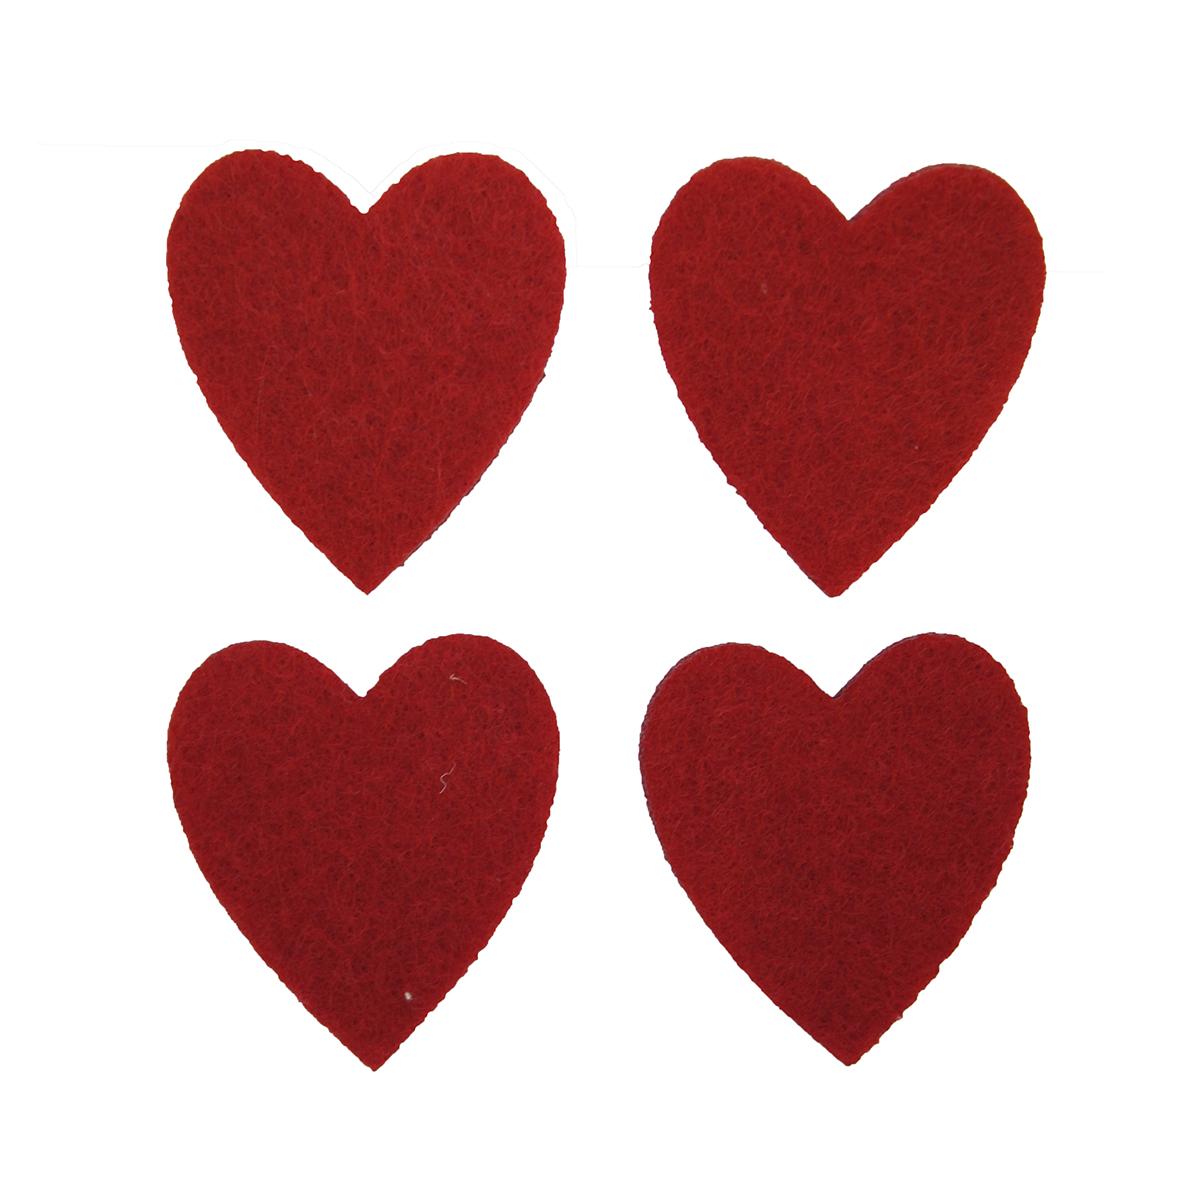 Фигурки из фетра Glorex Сердечки, цвет: красный, 4 x 3,6 см, 12 штNLED-454-9W-BKФетр пользуется большой популярностью среди рукодельниц. Его любят за эстетичный вид, практичность и отличную текстуру. Из данного материала вашему вниманию предлагаются заготовки Glorex. Широкое разнообразие цветов и форм поможет реализовать творческие задумки и гармоничным образом дополнить ваше творение. Из фетра можно создавать обложки для книг, ежедневников, игрушки, декоративные чехлы для подушек и многое, многое другое.